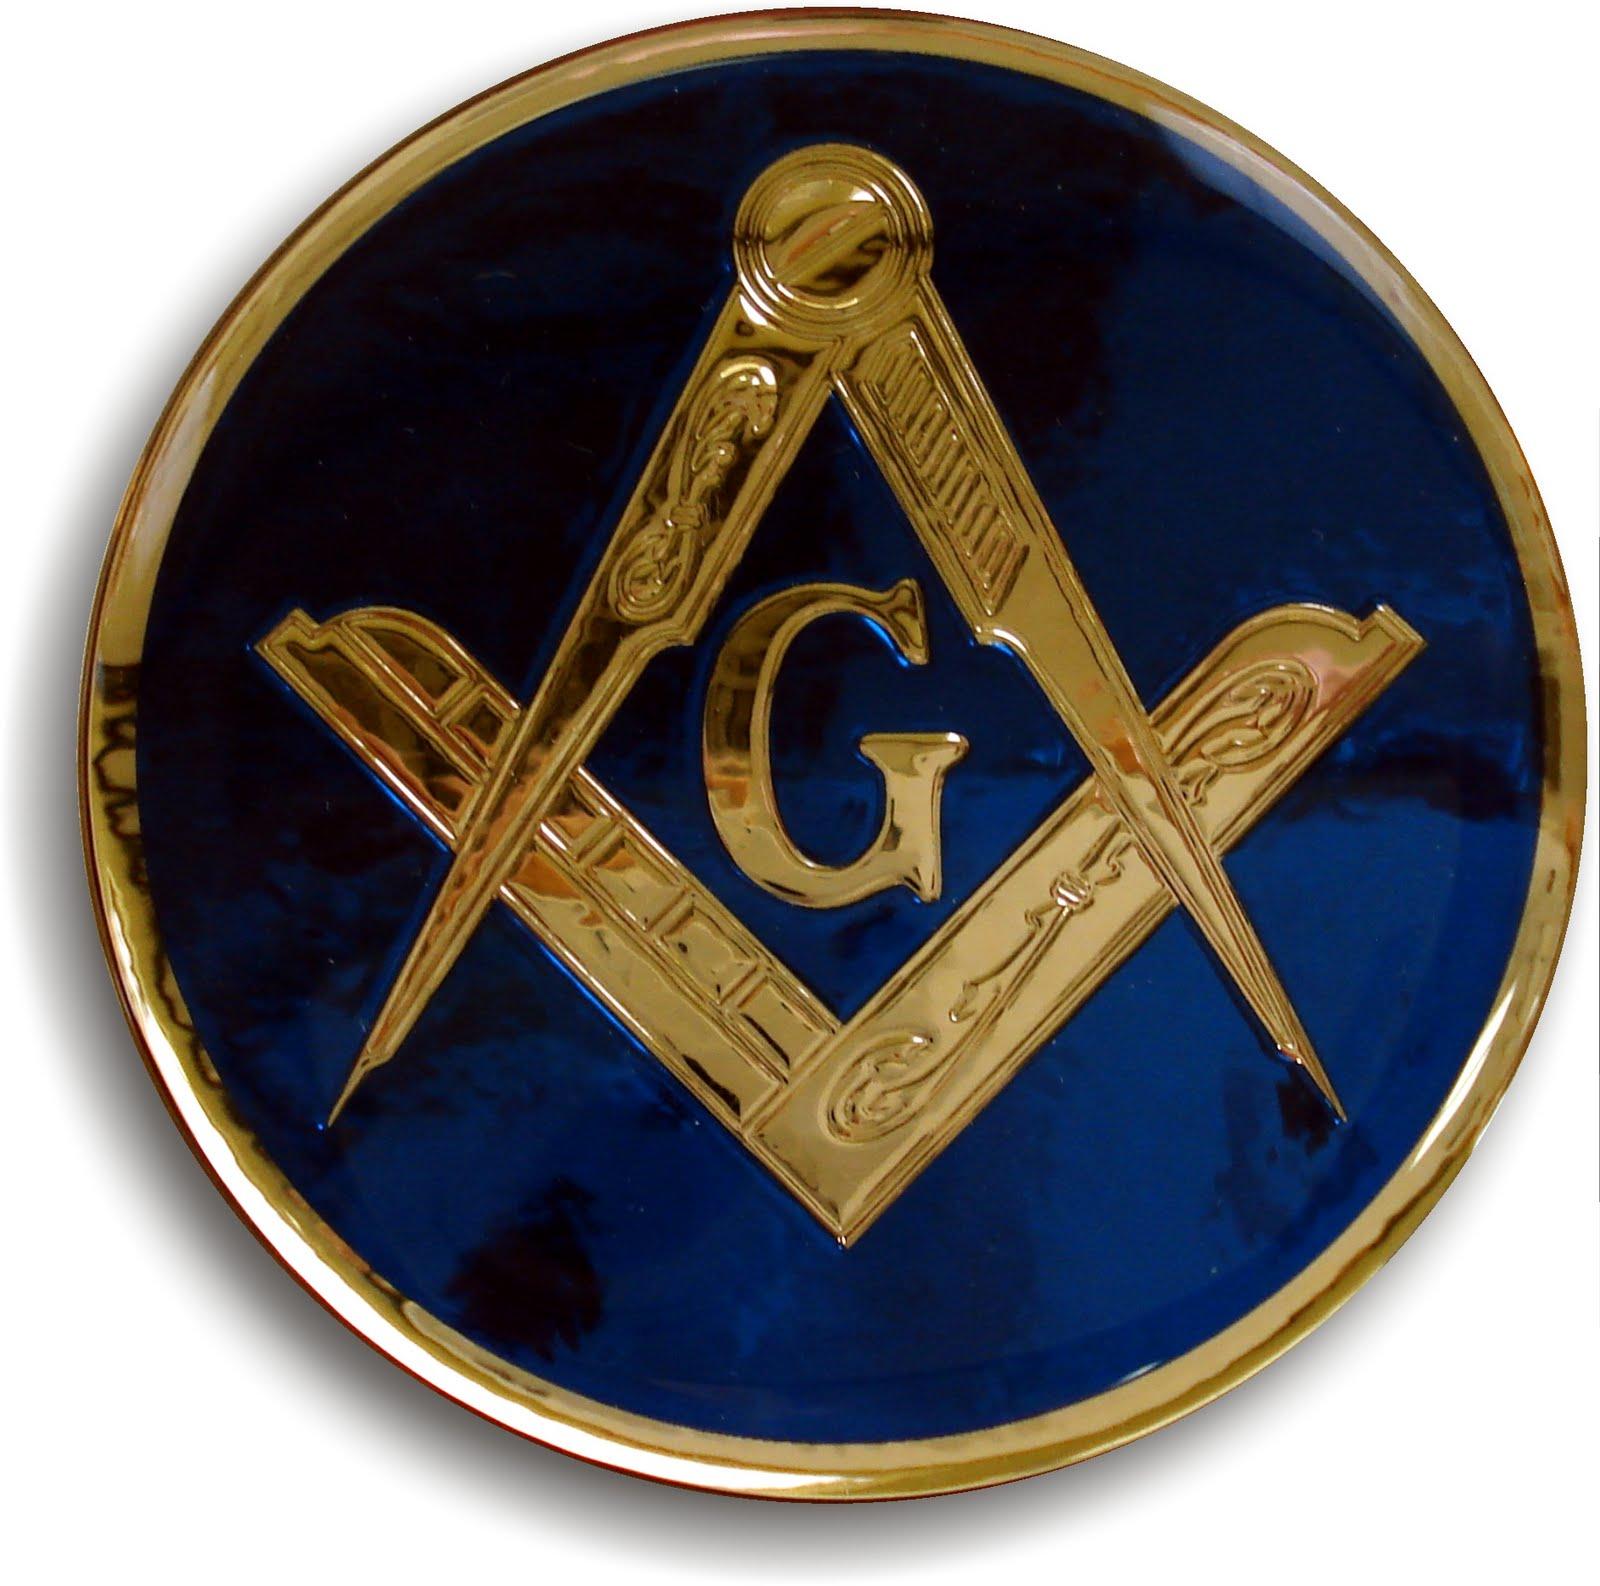 La casa del mas n invitaci n especial sima federaci n mas nica de logias soberanas supremo - La casa del compas de oro ...